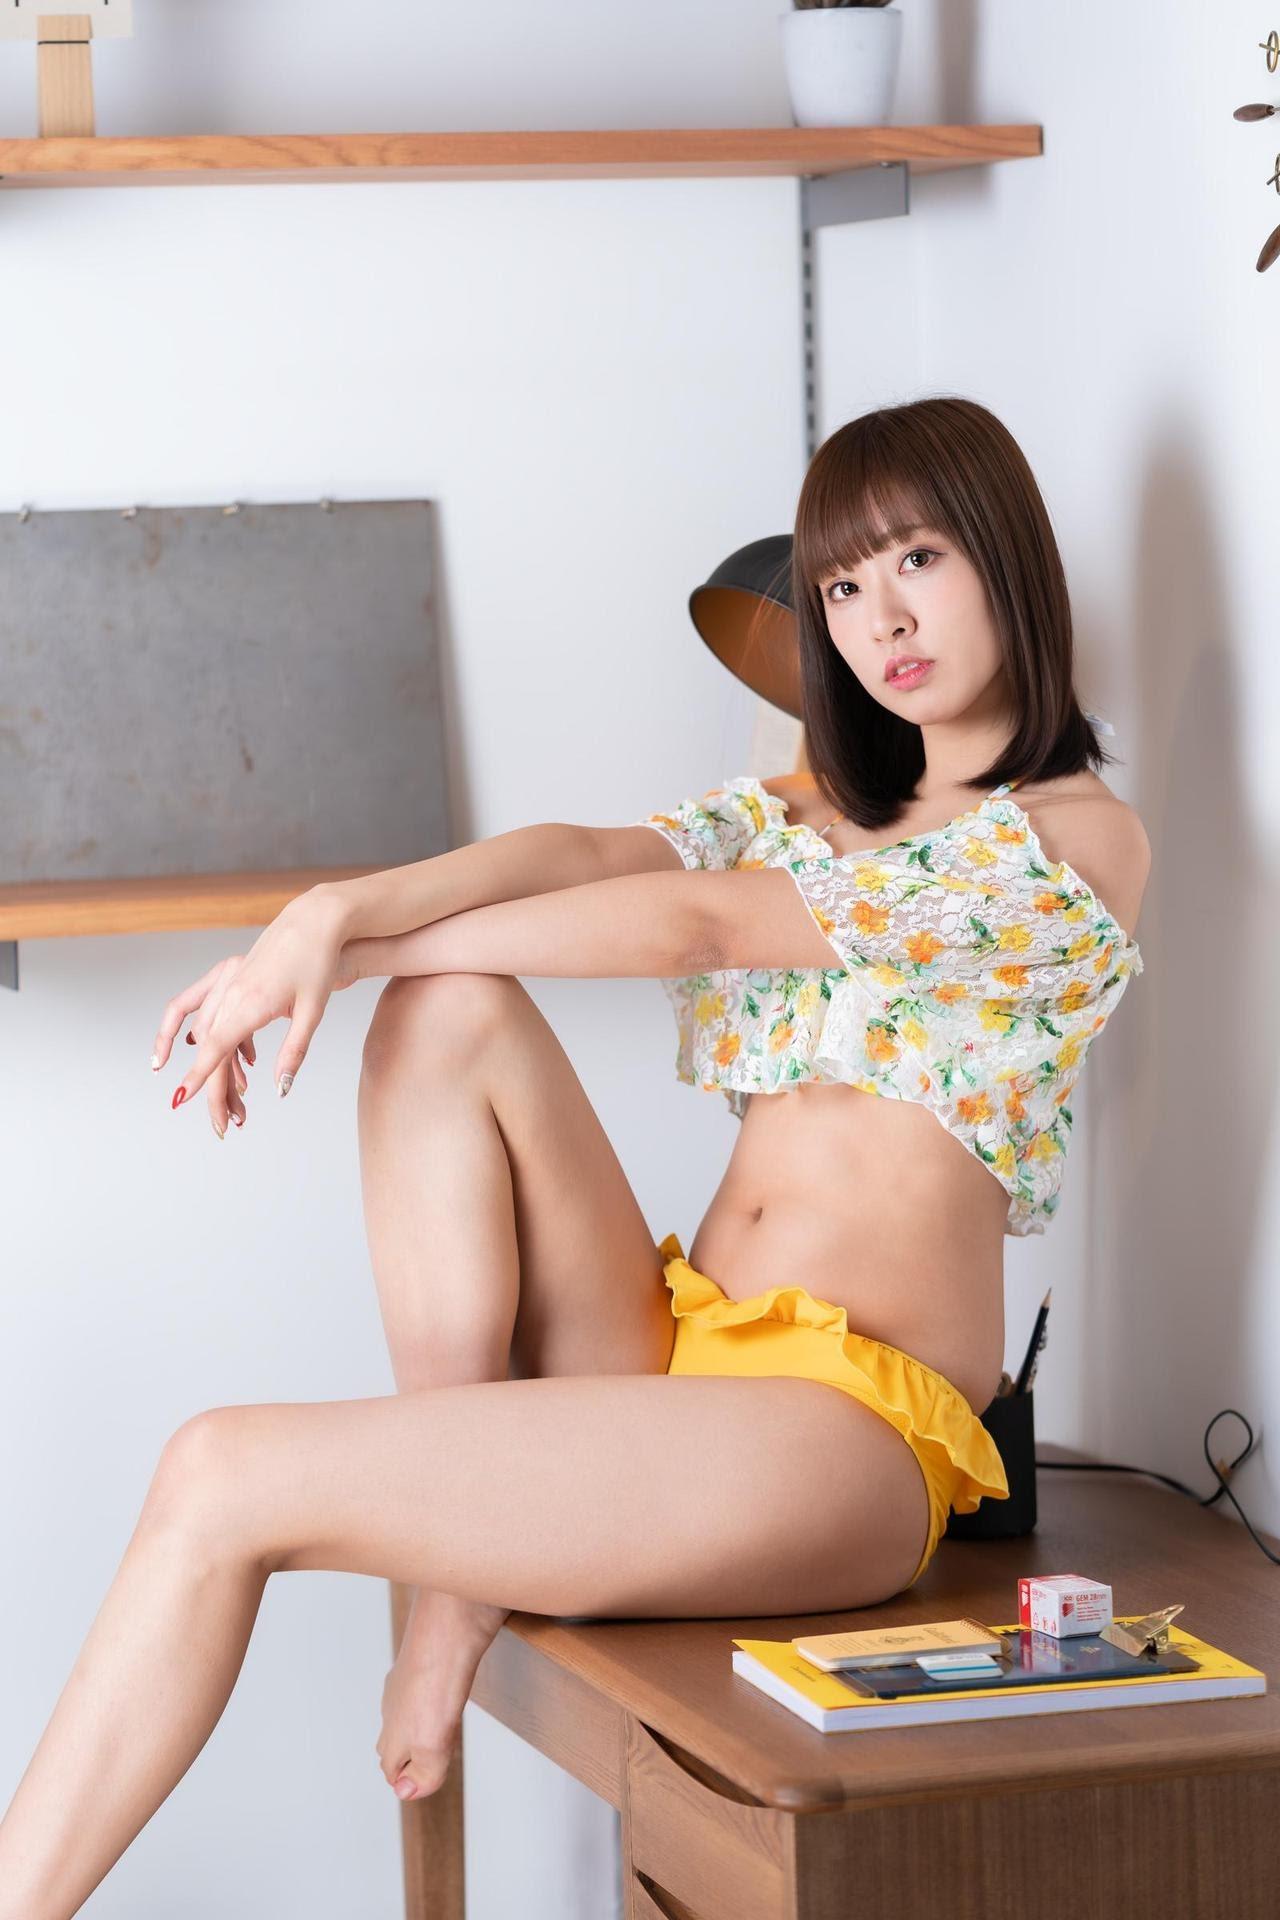 Sayuki032.jpeg